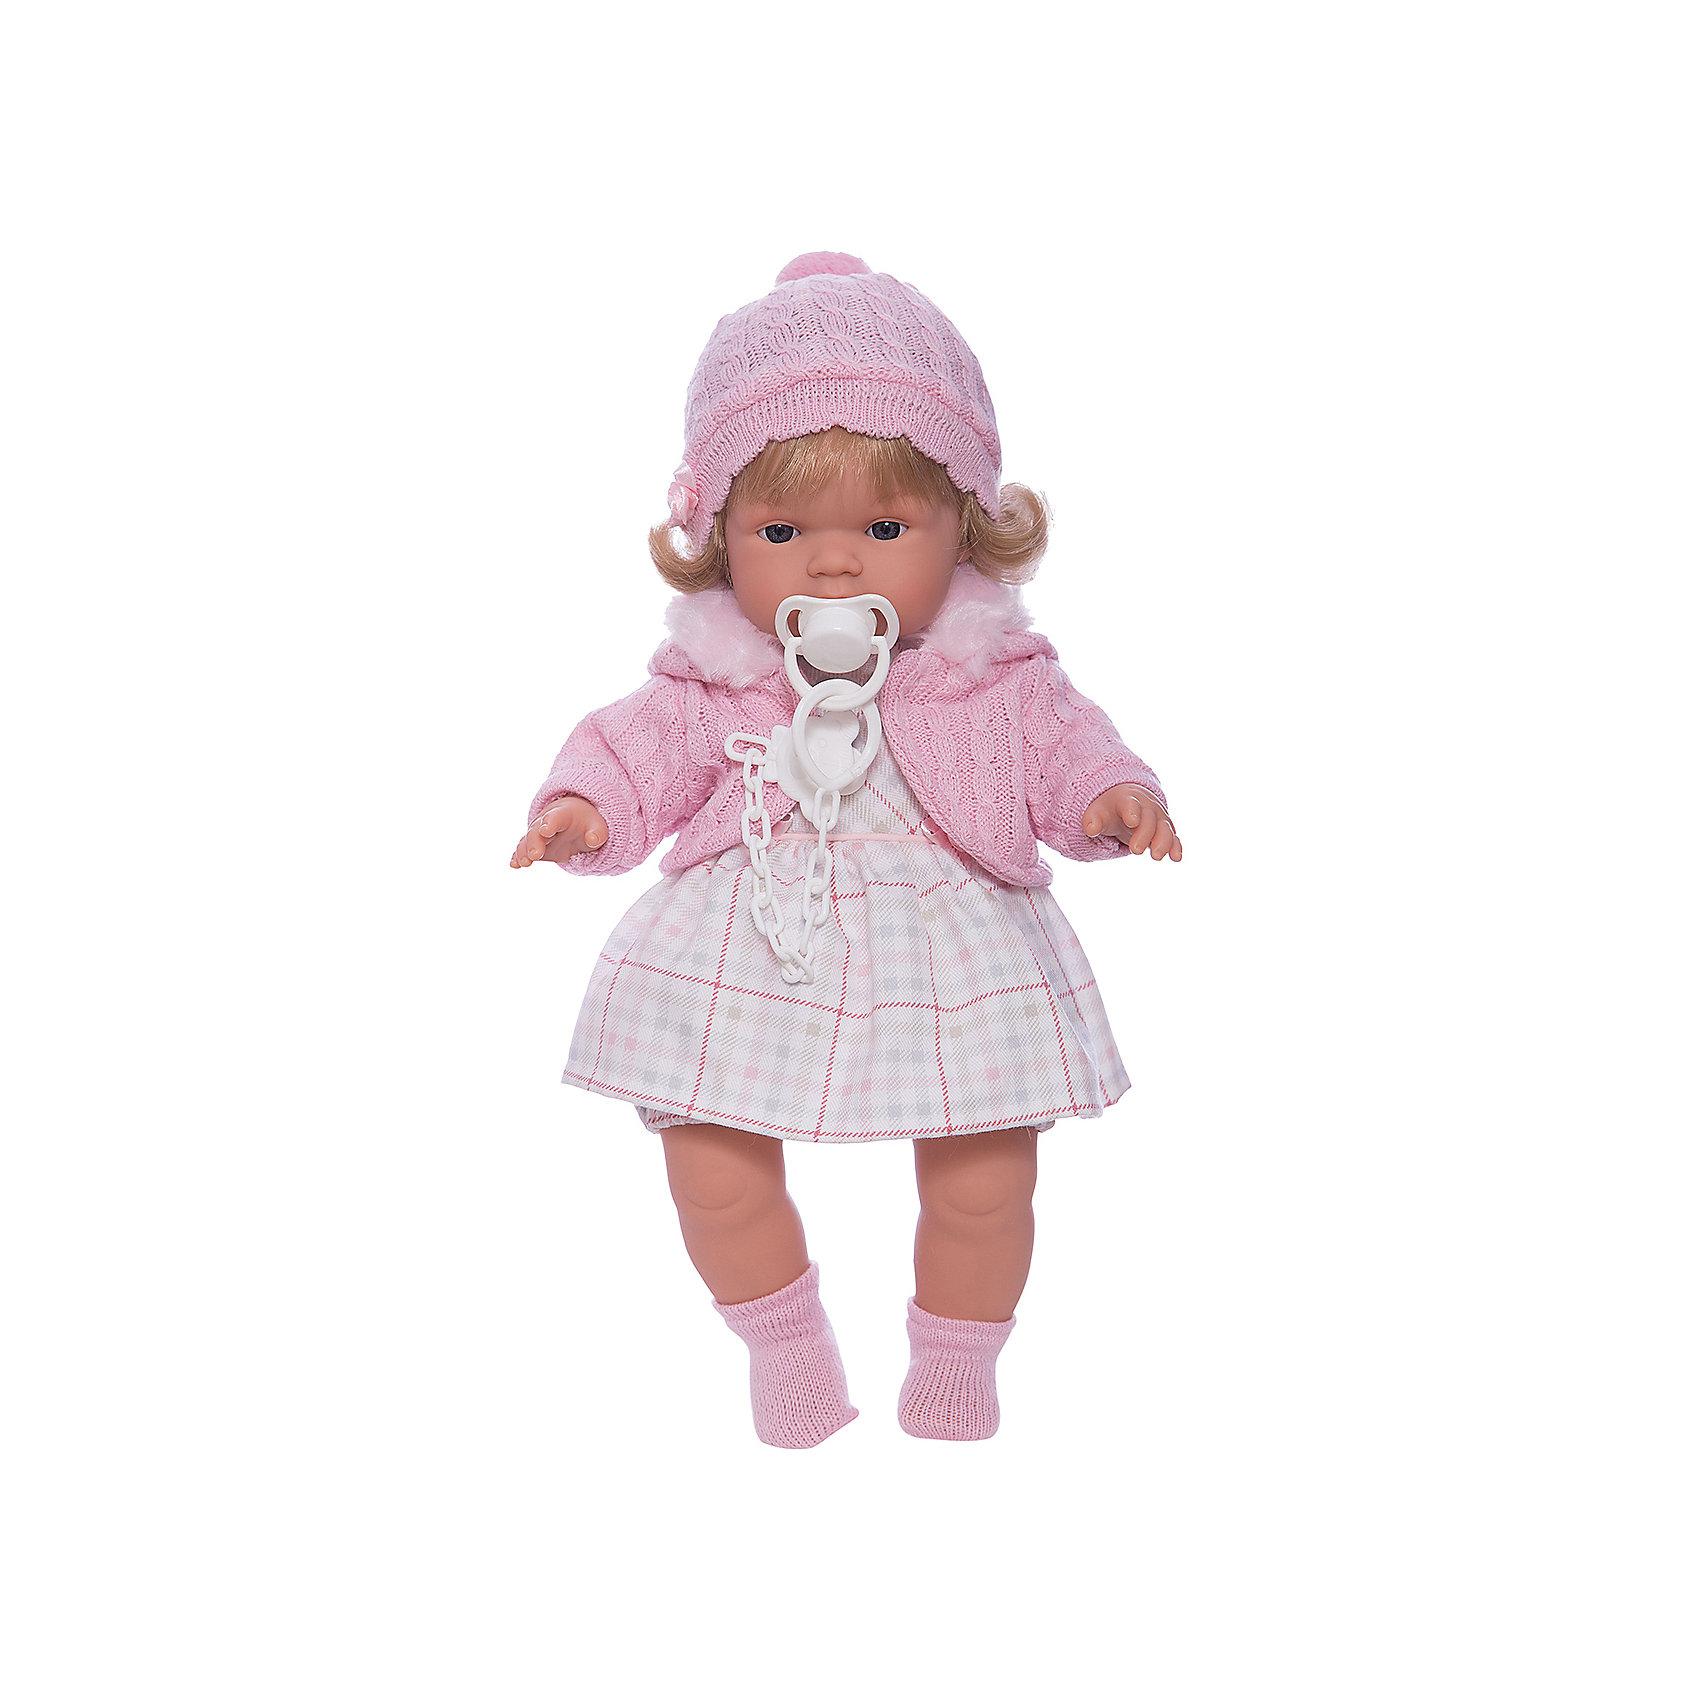 Кукла Лидия, 38 см, Llorens<br><br>Ширина мм: 23<br>Глубина мм: 45<br>Высота мм: 12<br>Вес г: 1050<br>Возраст от месяцев: 36<br>Возраст до месяцев: 84<br>Пол: Женский<br>Возраст: Детский<br>SKU: 5086909